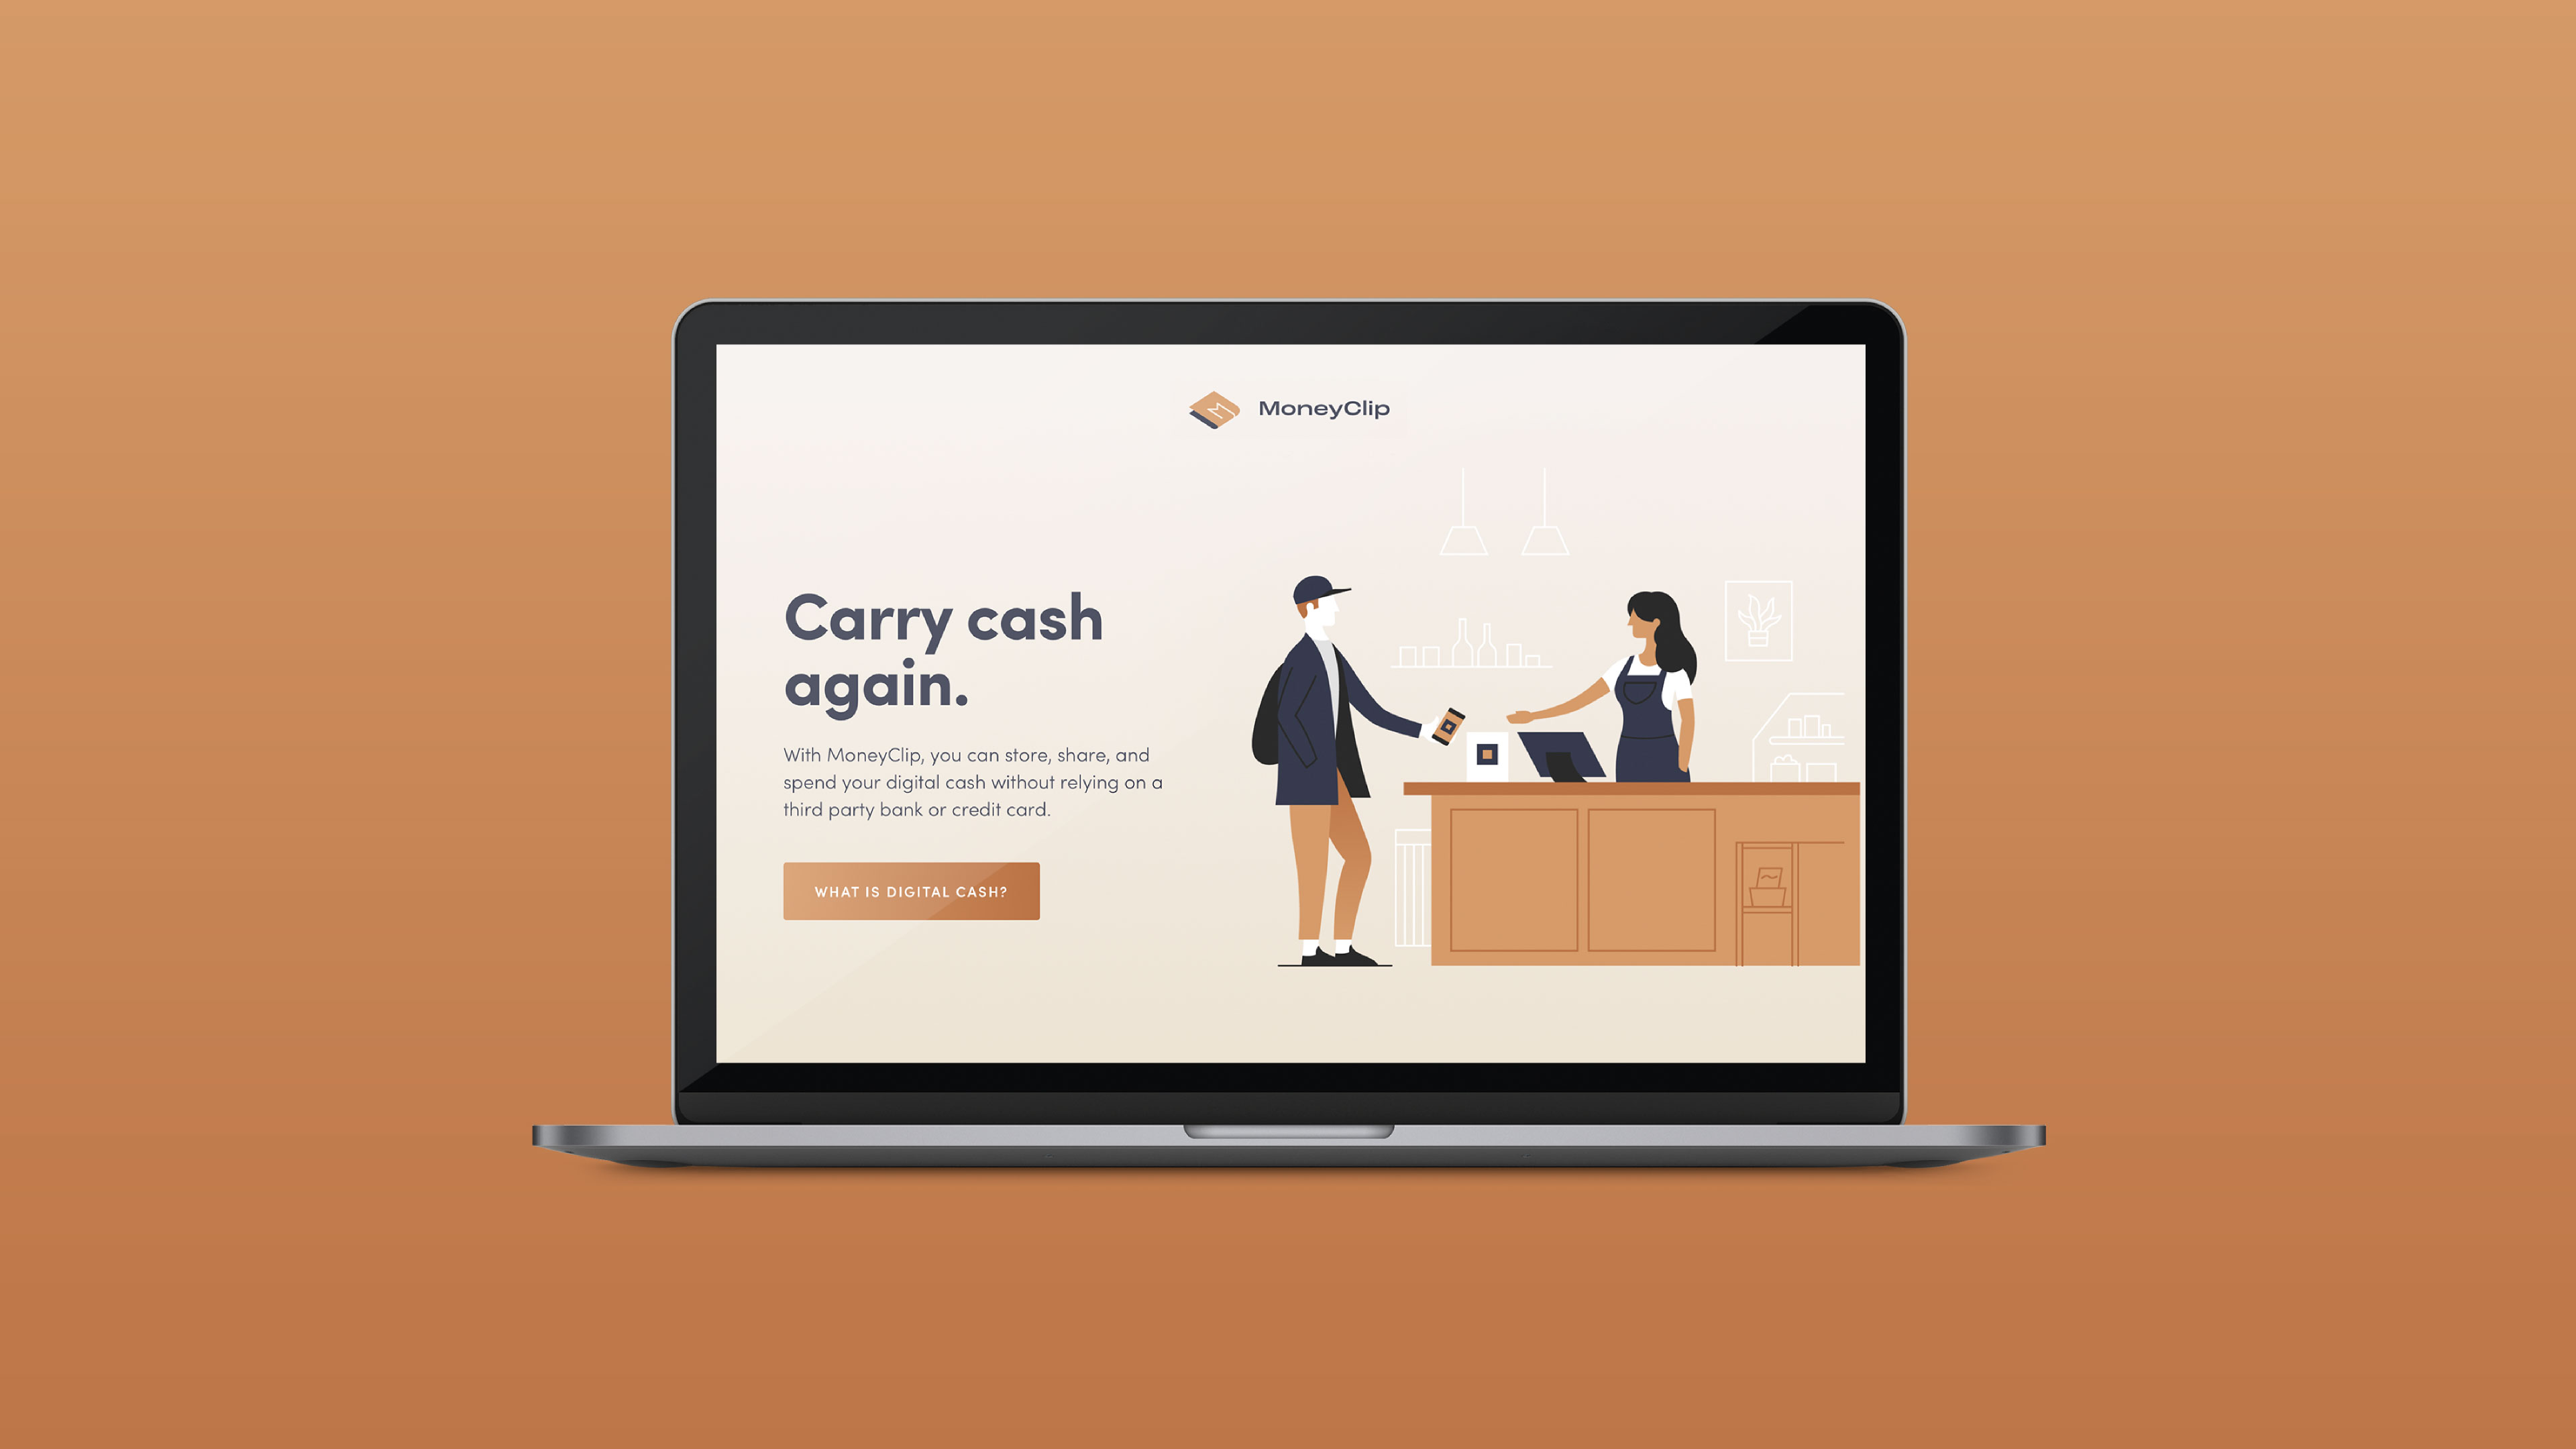 moneyclip-website-a